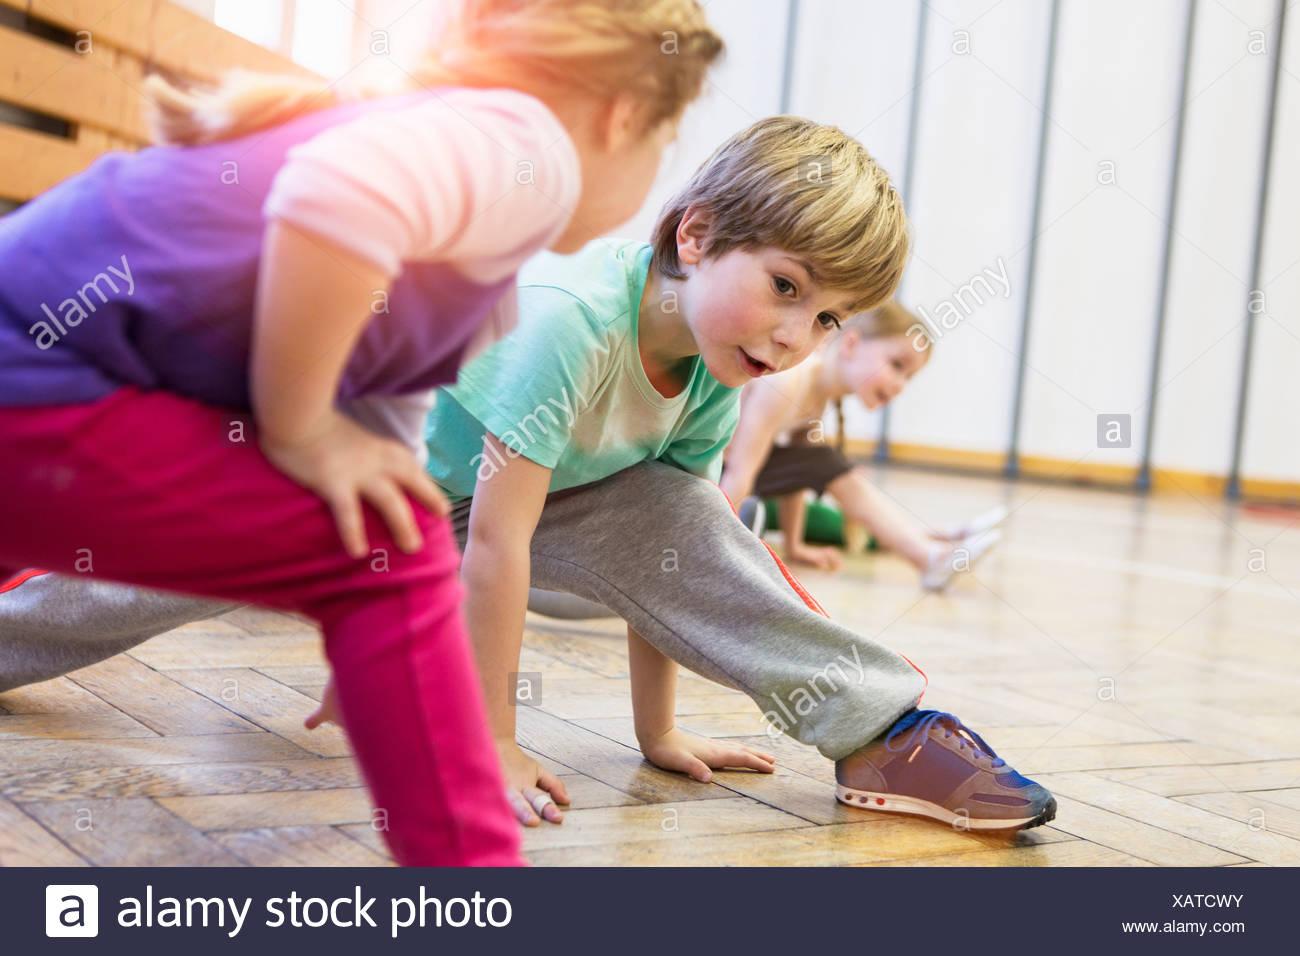 Enfants stretching, jambes pliées, se penchant vers l'avant Banque D'Images